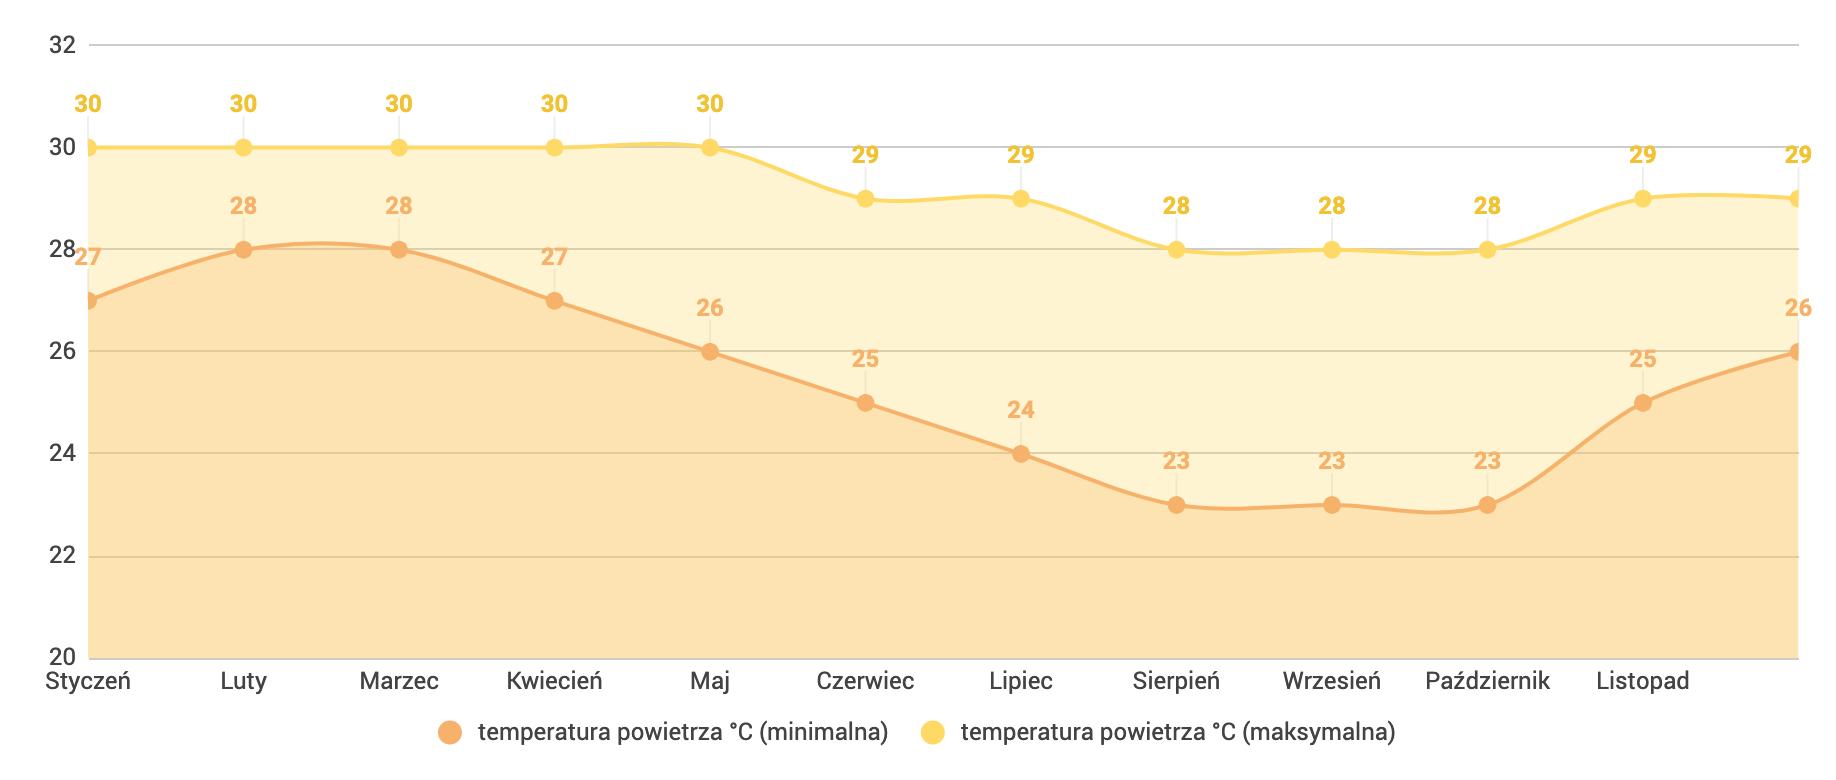 Filipiny - temperatura powietrza